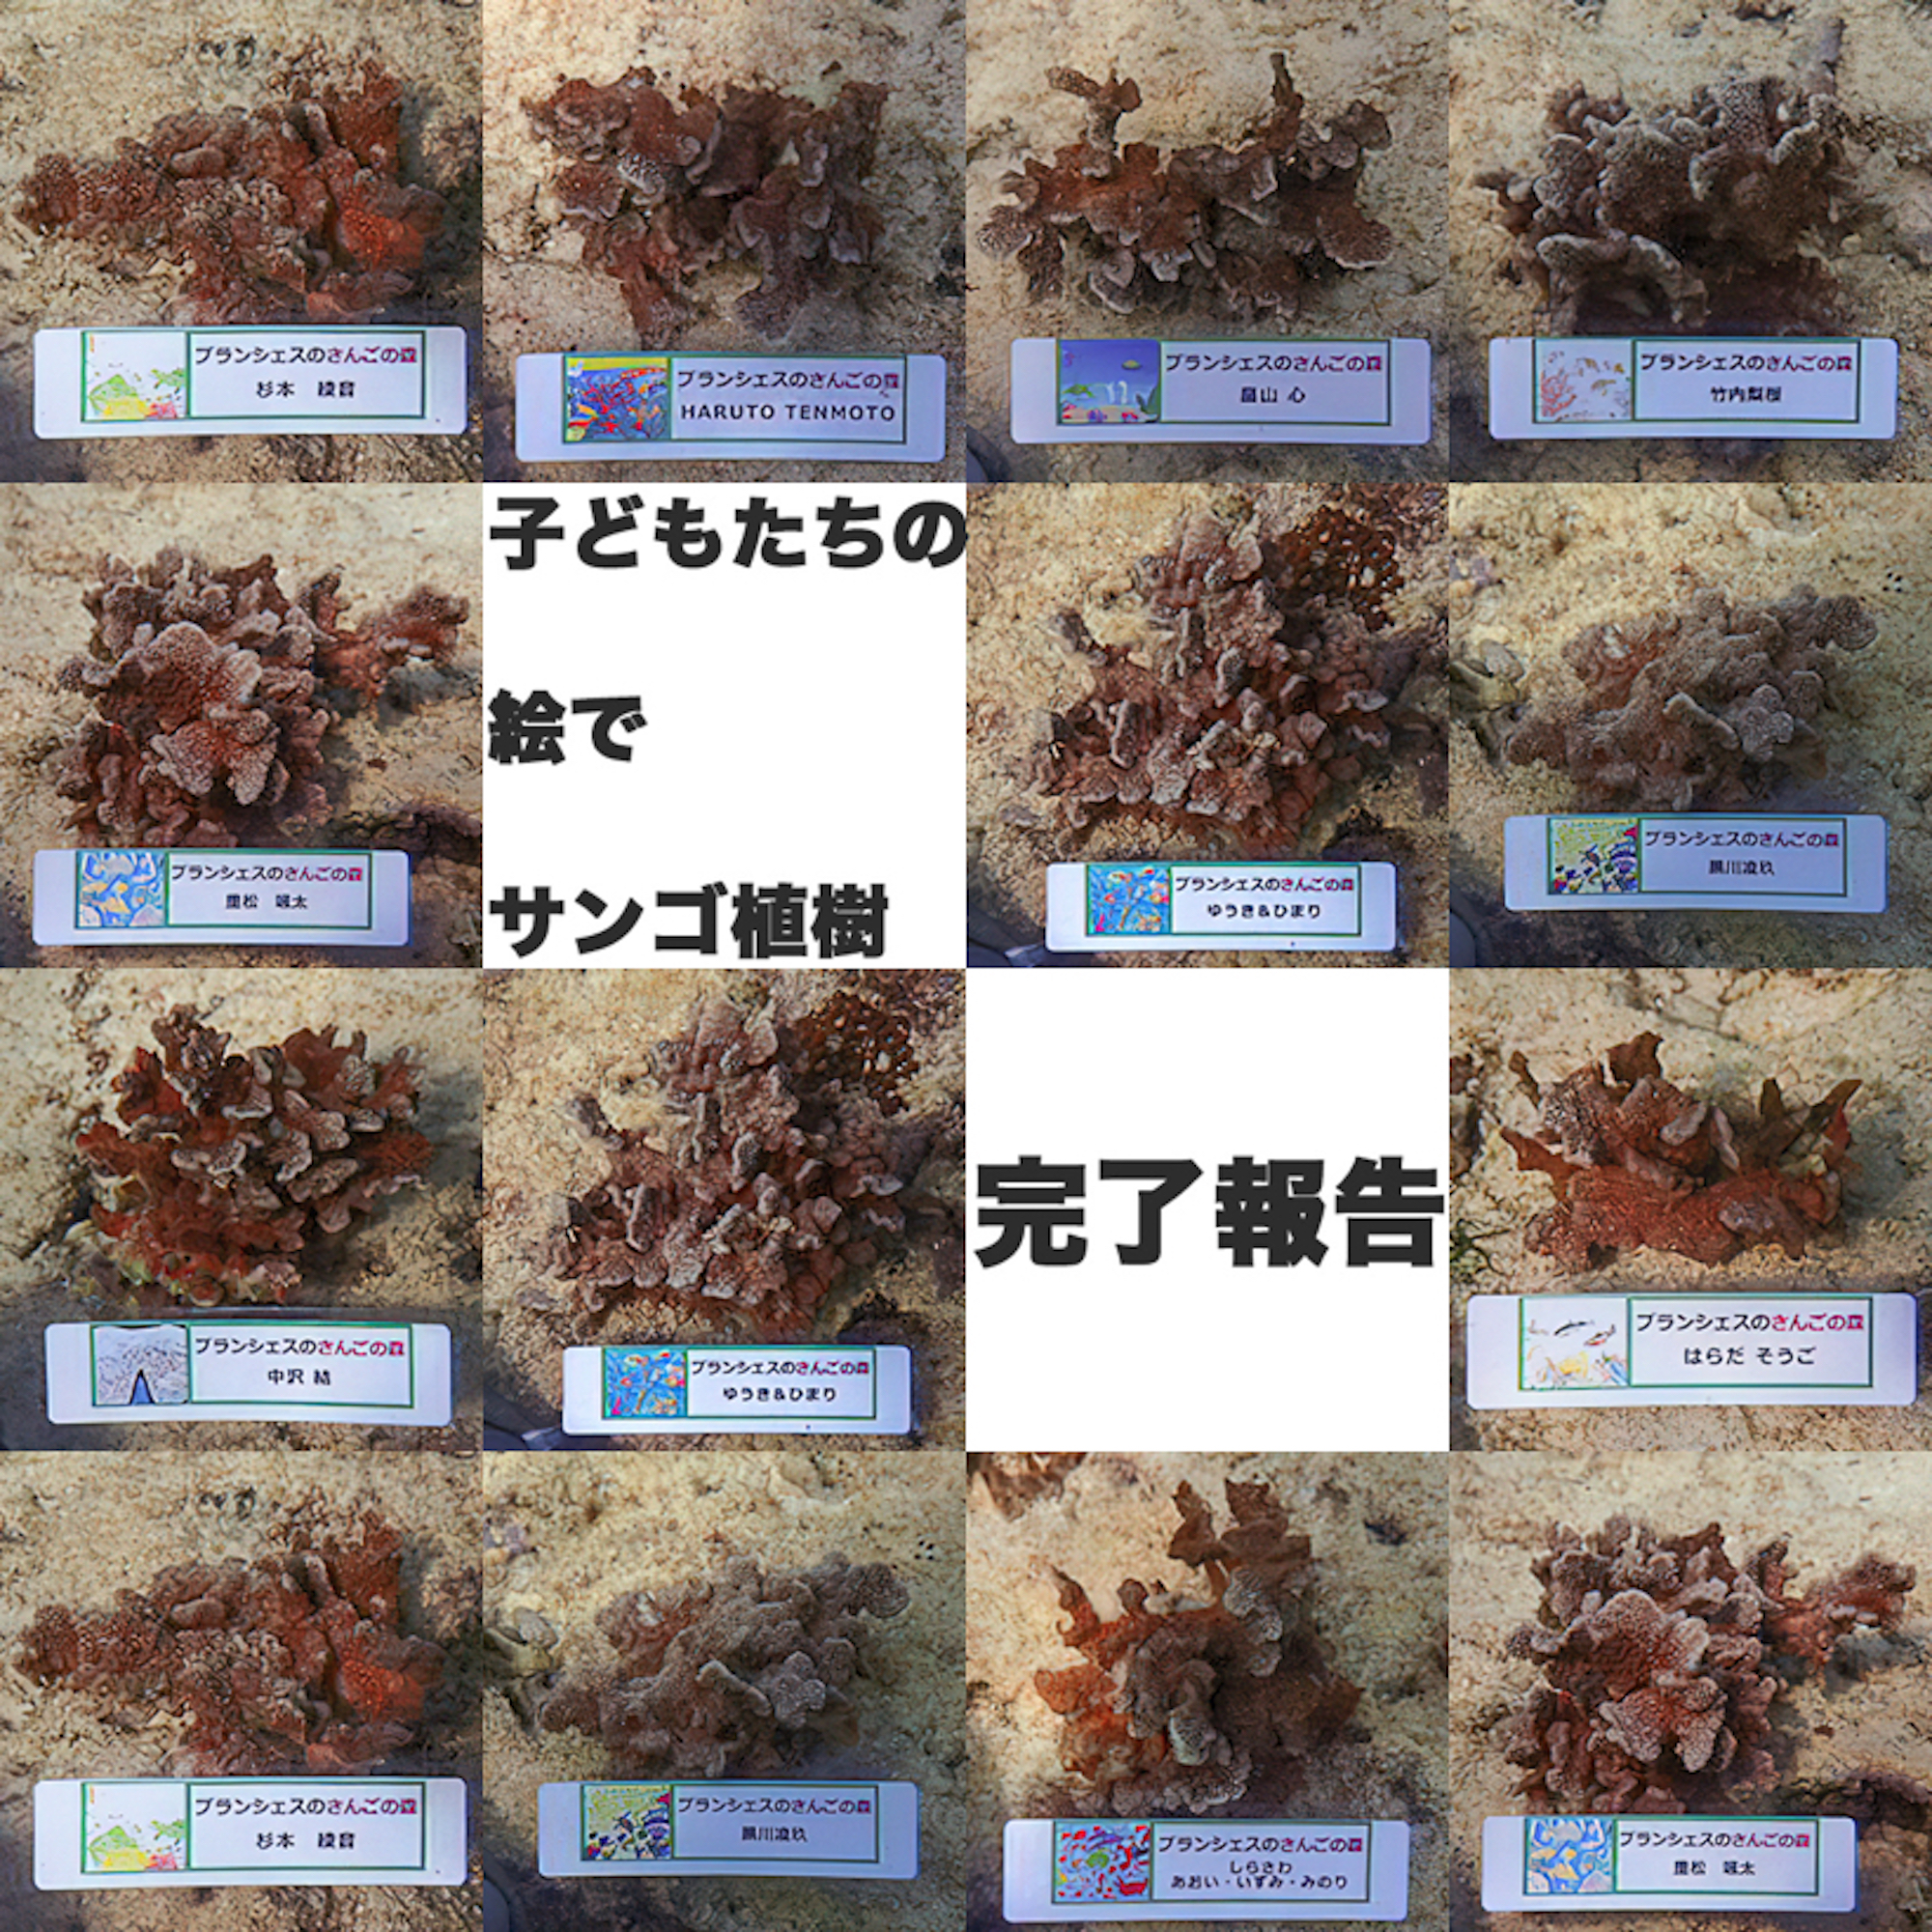 サンゴ植樹